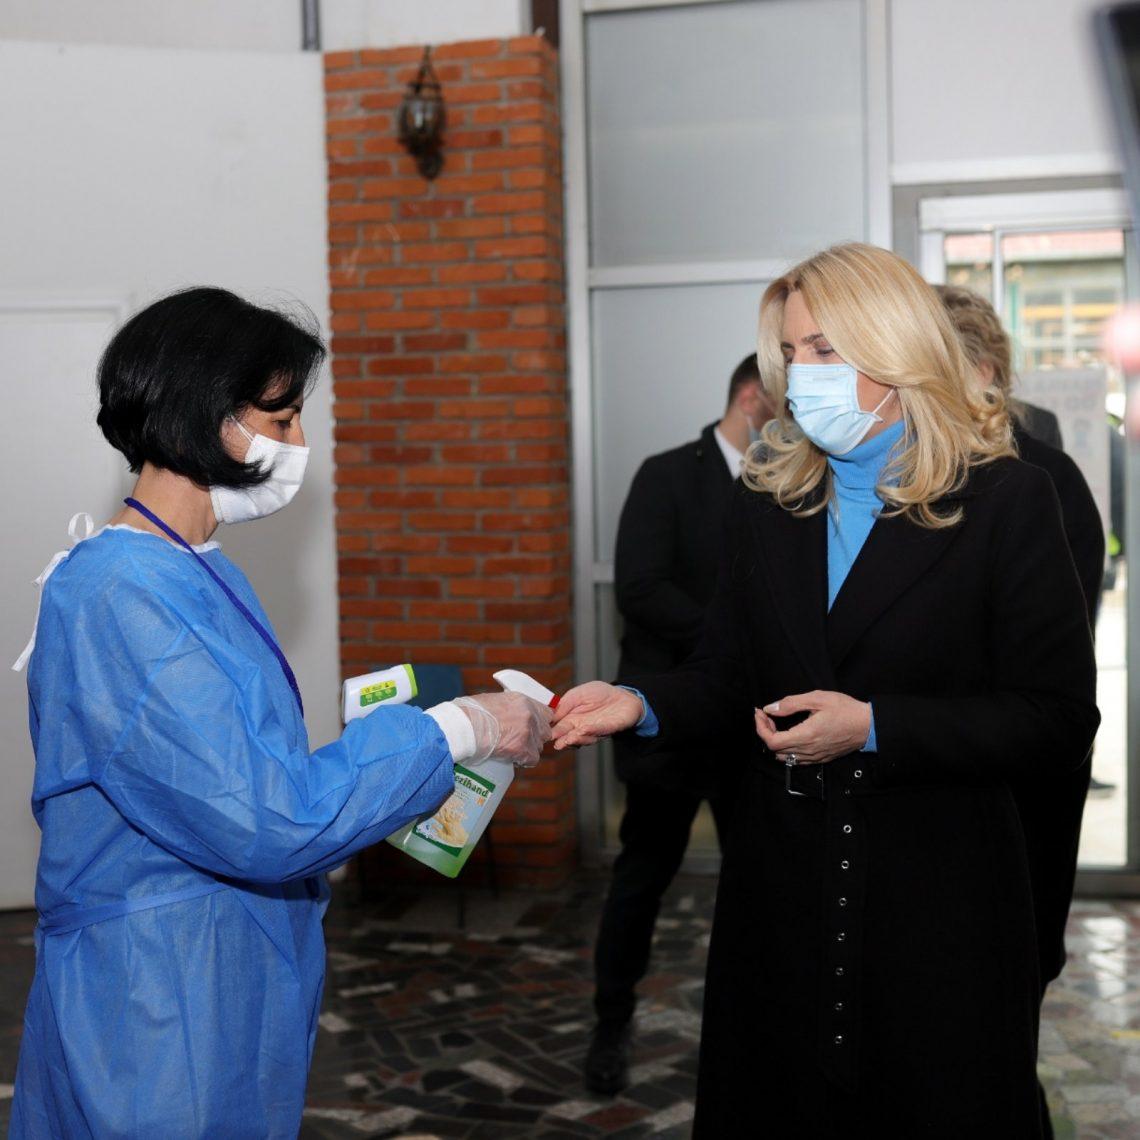 Predsjednica Republike Srpske Željka Cvijanović posjetila vakcinalni punkt